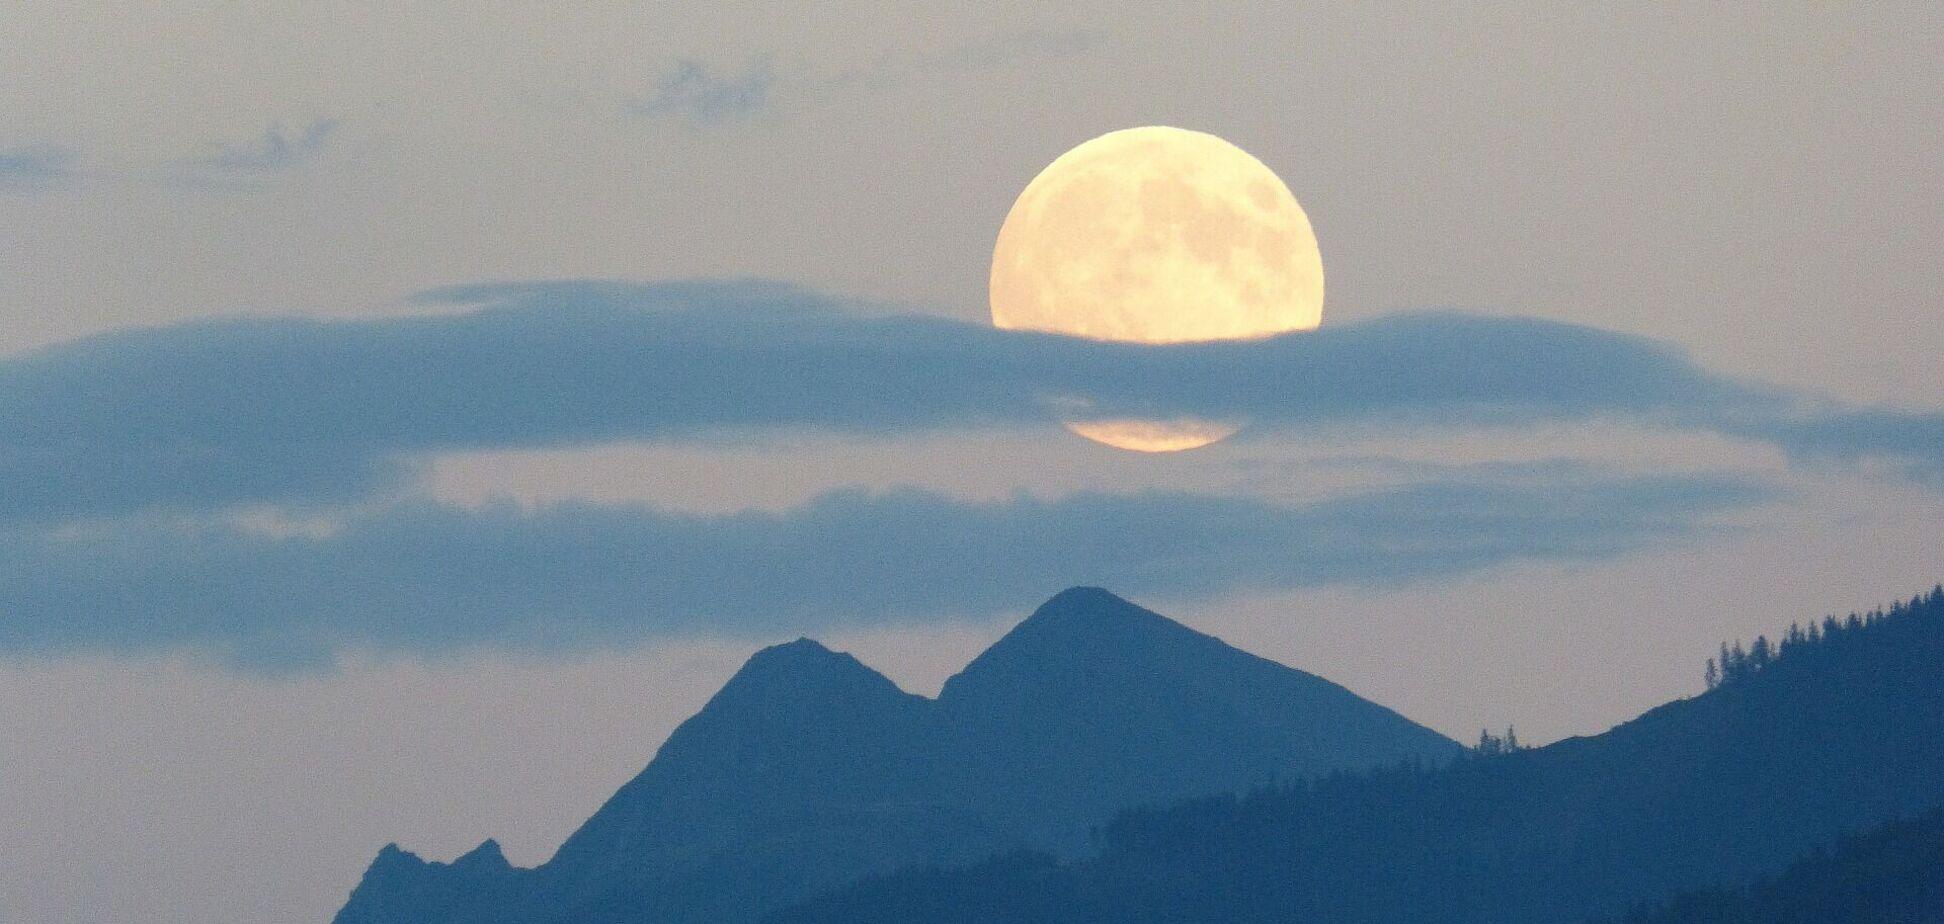 Період повного місяця є досить небезпечним, вважають астрологи